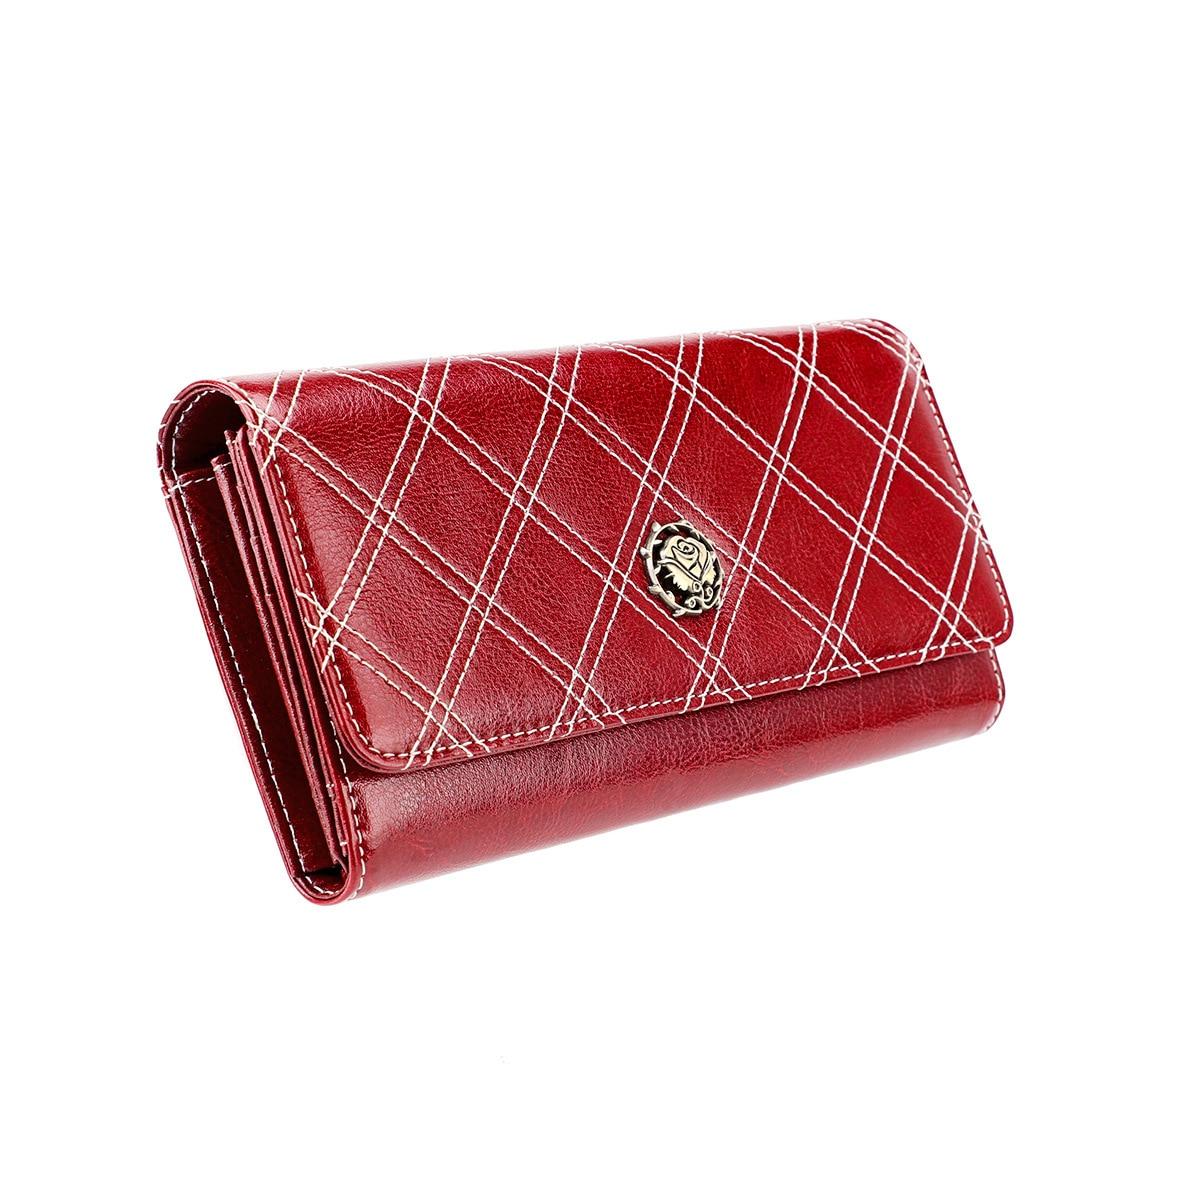 محفظة للسيدات حقيبة صغيرة موضة جديدة مكافحة degaussing حامل بطاقة